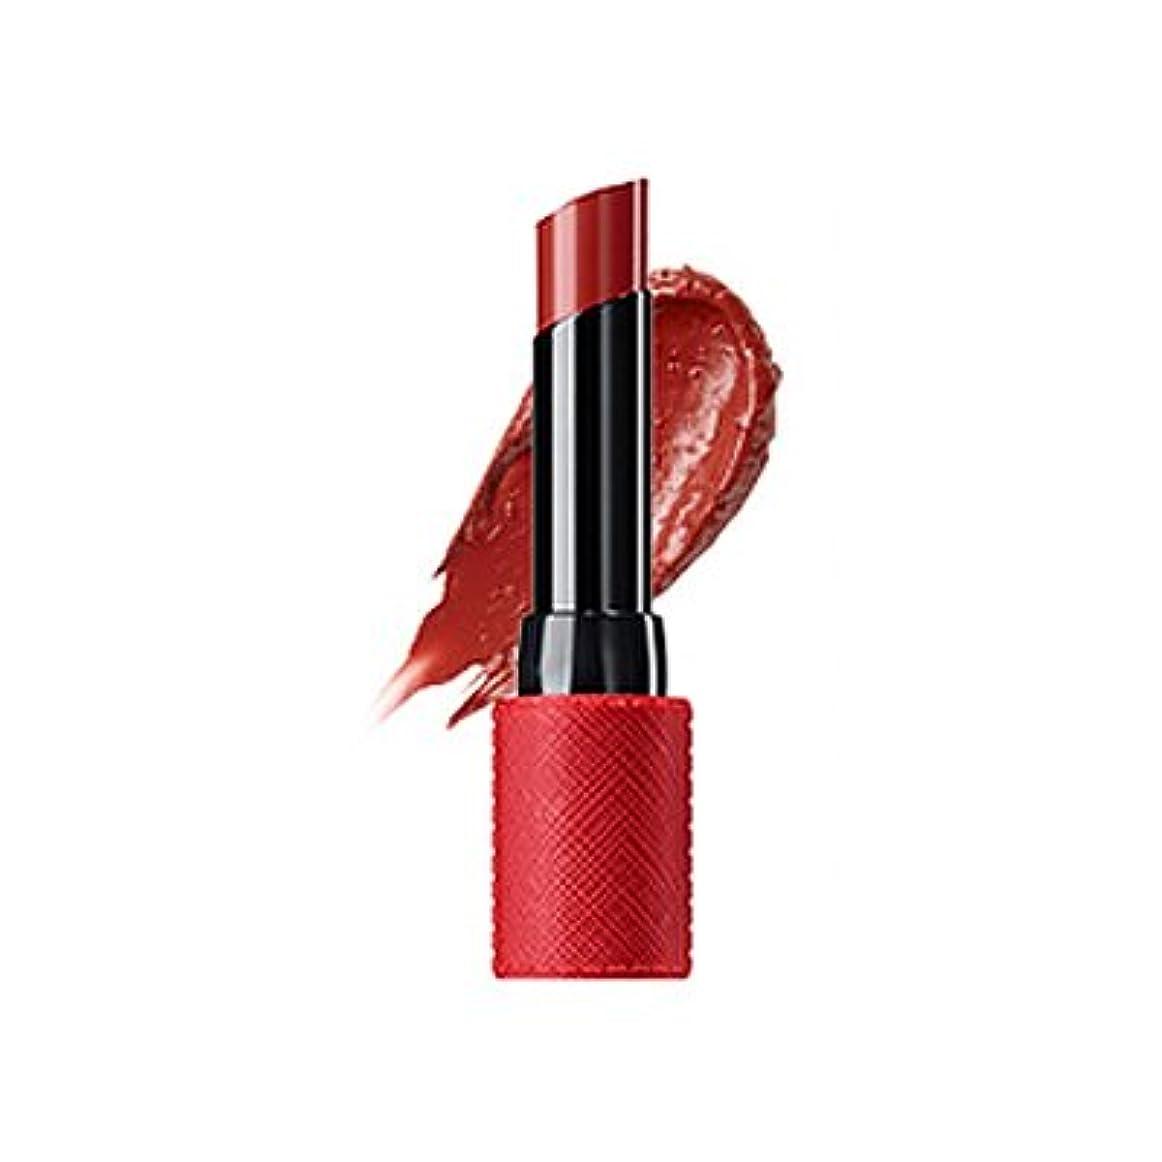 アルカイックファイルうがい【The Saem】ザセム キスホリック リップスティック S レッドブリック/Kissholic Lipstick S Red Brick / RD06